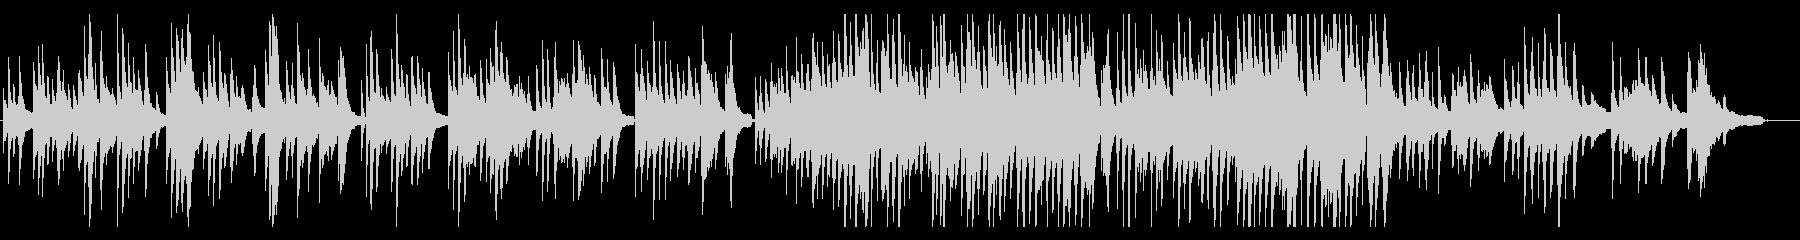 ピアノソロ ダニーボーイの未再生の波形